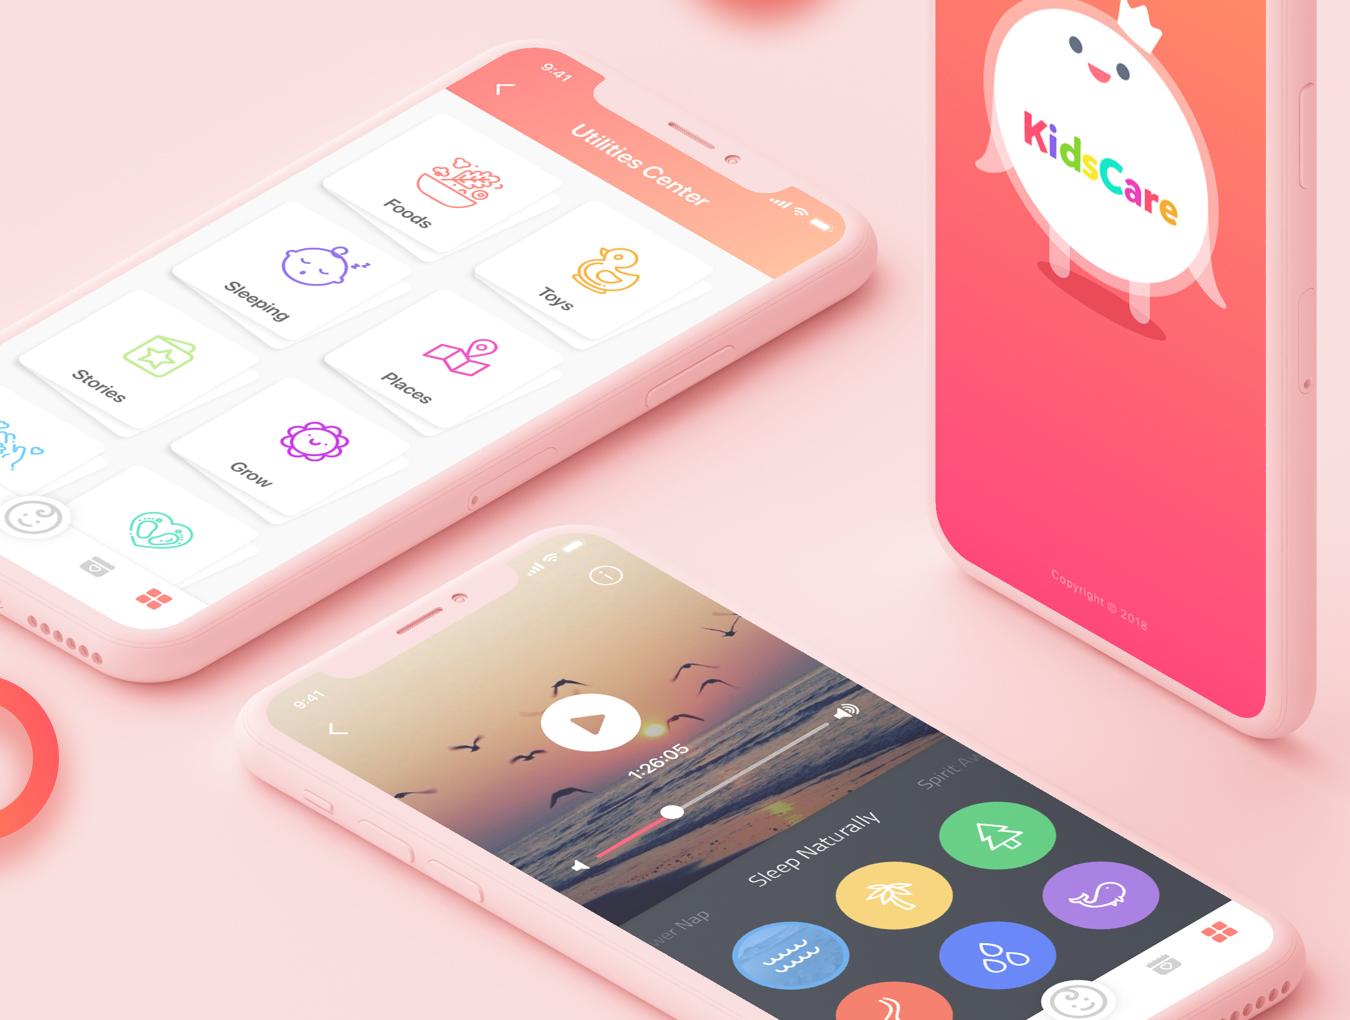 幼儿园儿童健康跟踪管理系统APP设计 UI工具包 KidsCare UI Kit